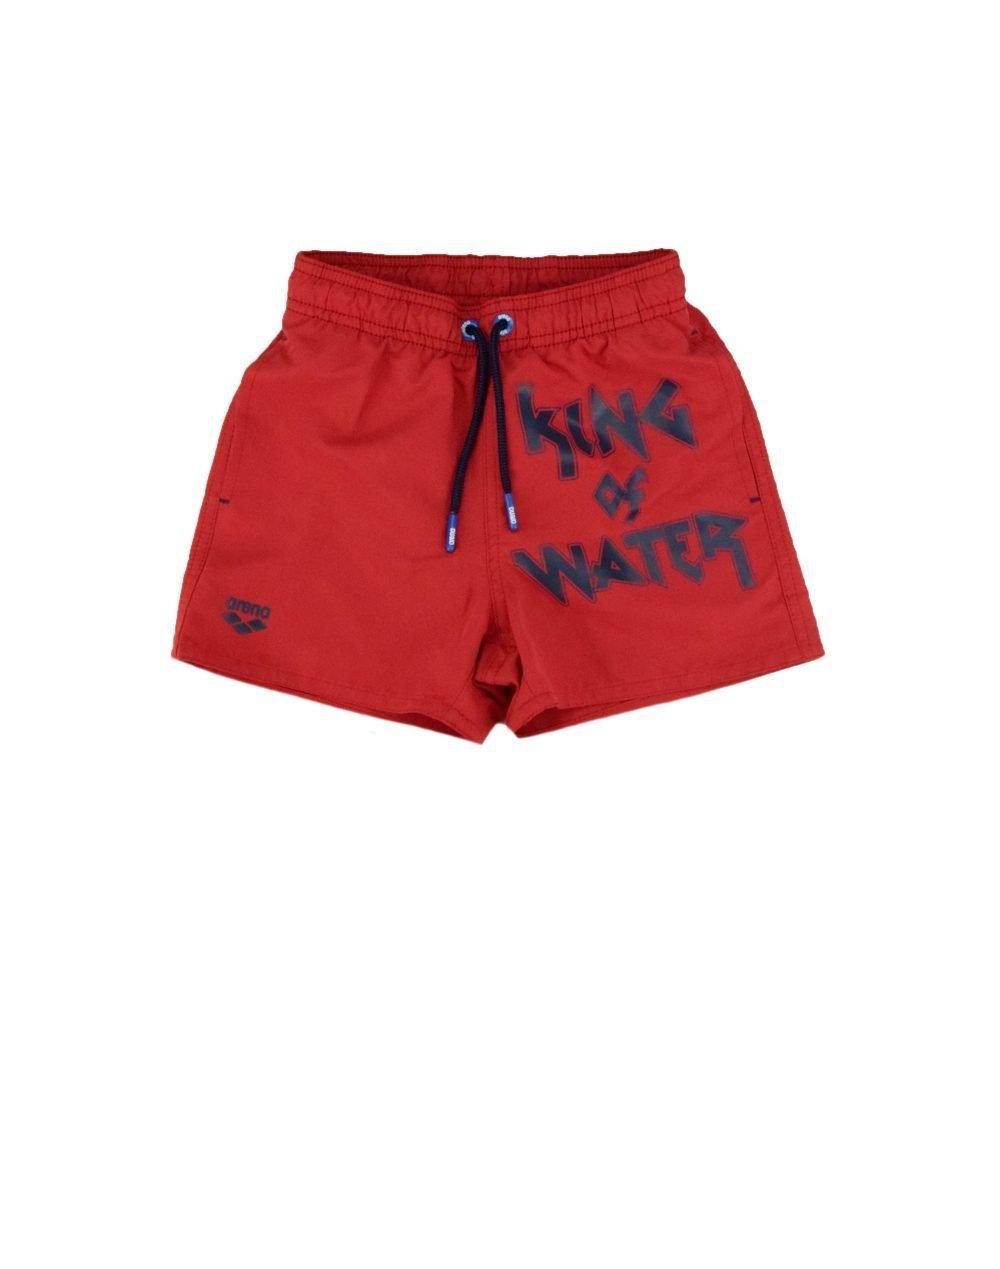 Arena King JR Boxer (001858400) Red